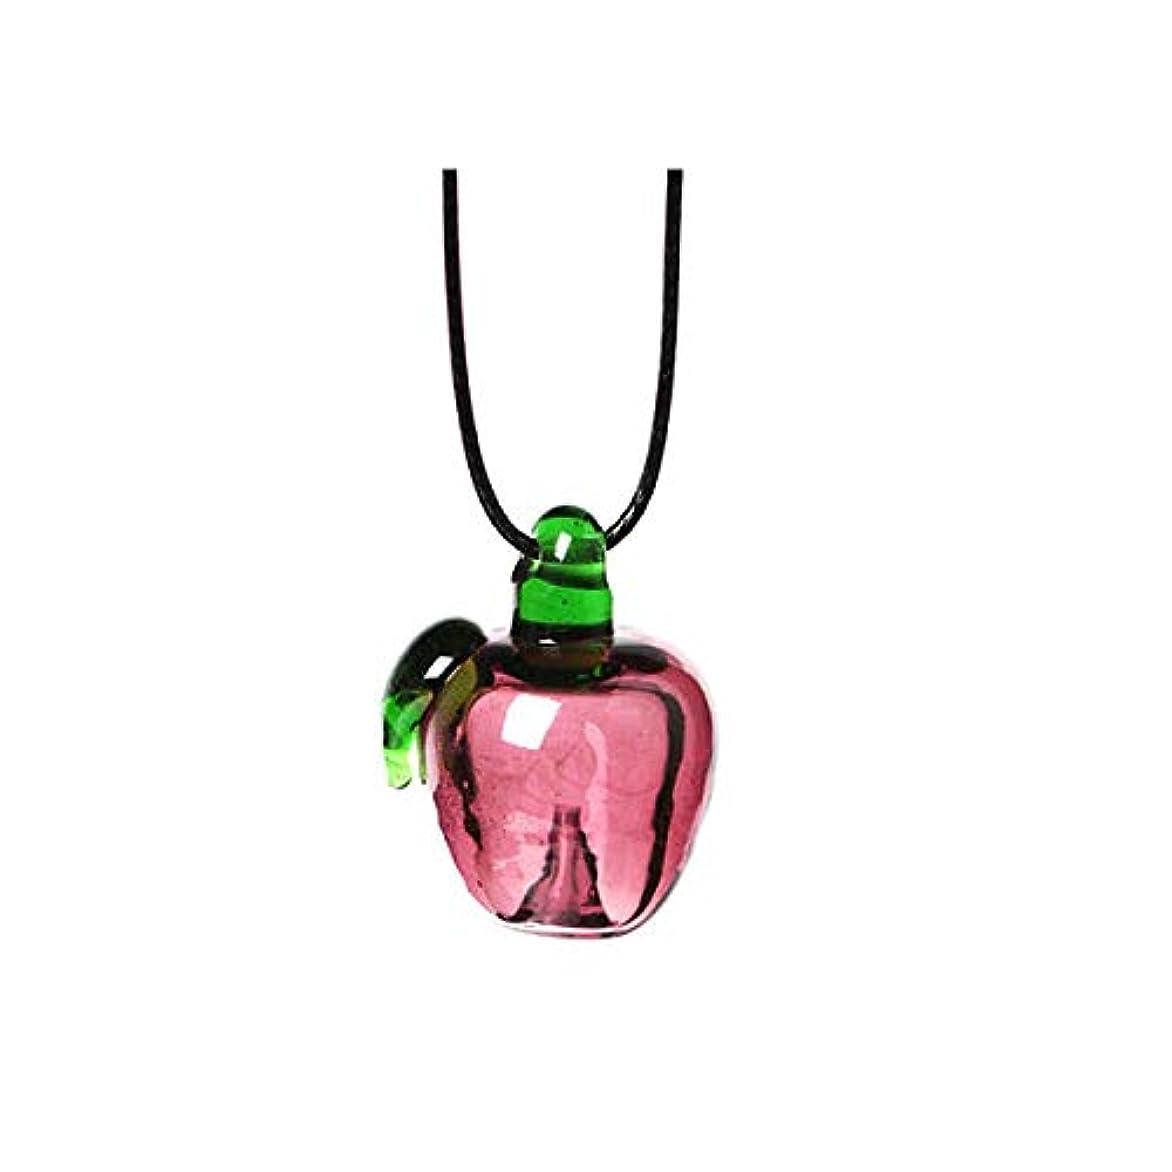 避けるに同意するあらゆる種類のアロマ ペンダント りんご 専用スポイト付 アロマテラピー アロマグッズ ネックレス 香水 香 かおり 種類,りんご【E】